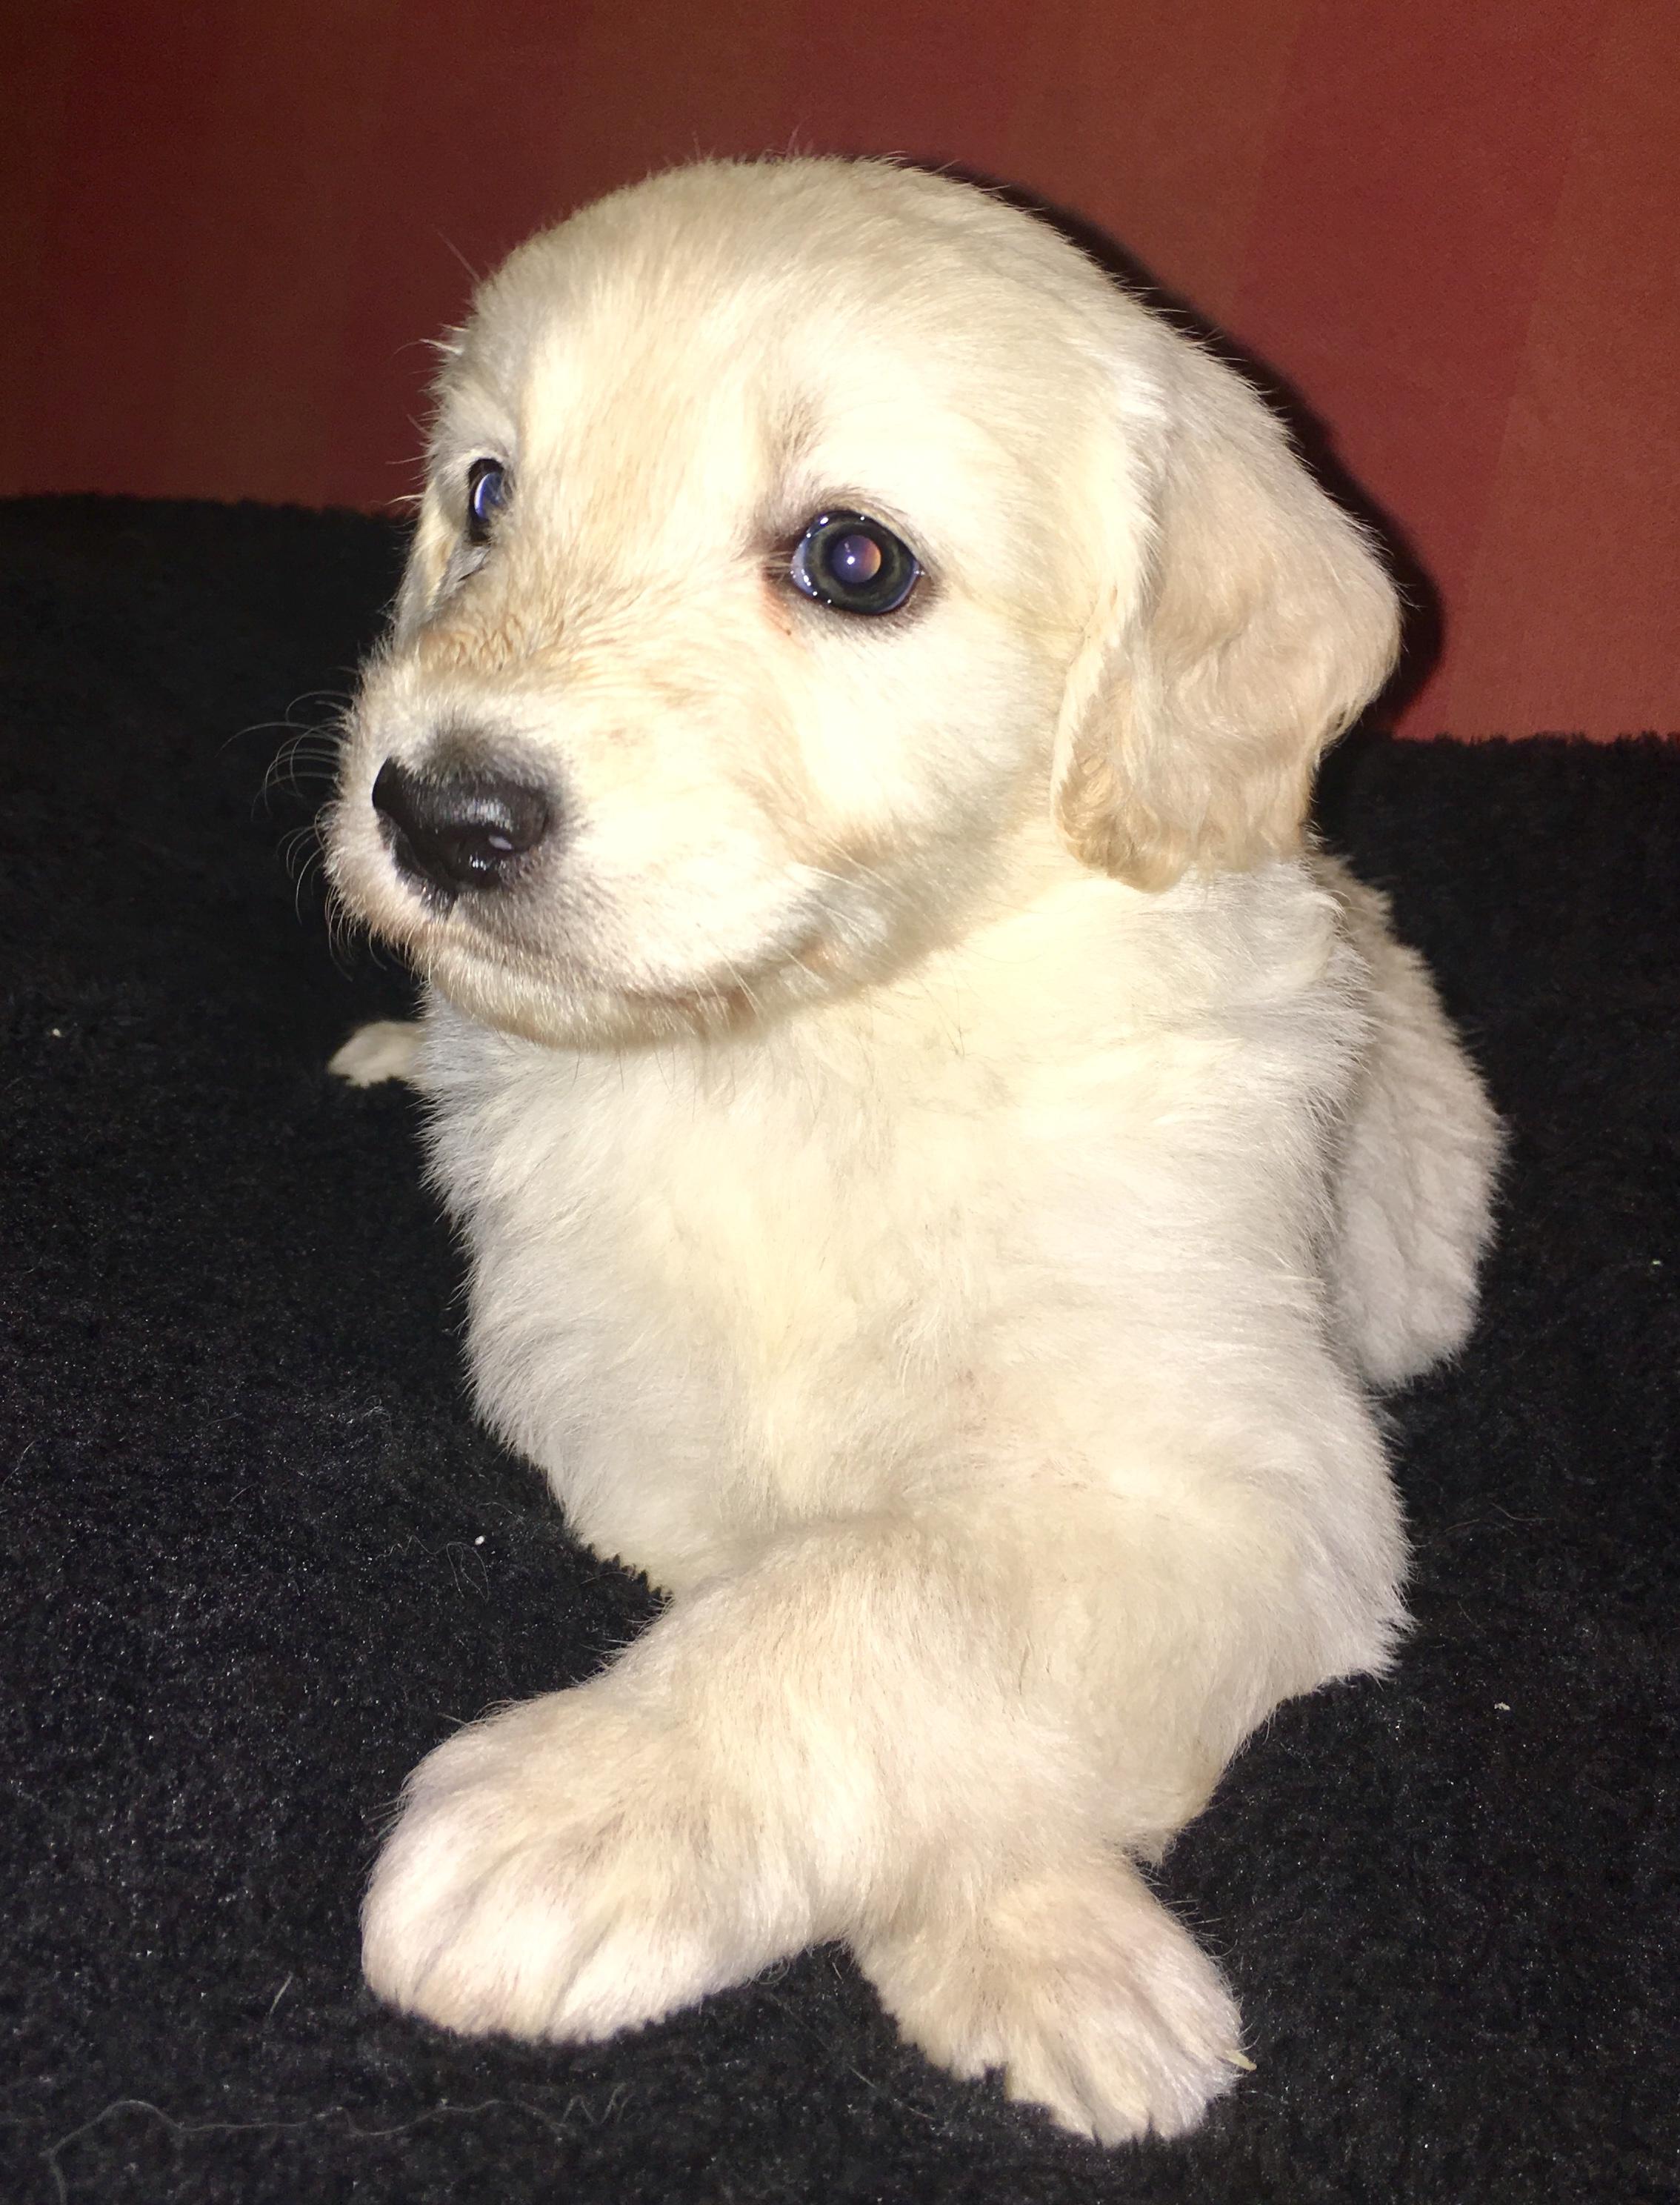 Hvid Schæferhund - Langhåret